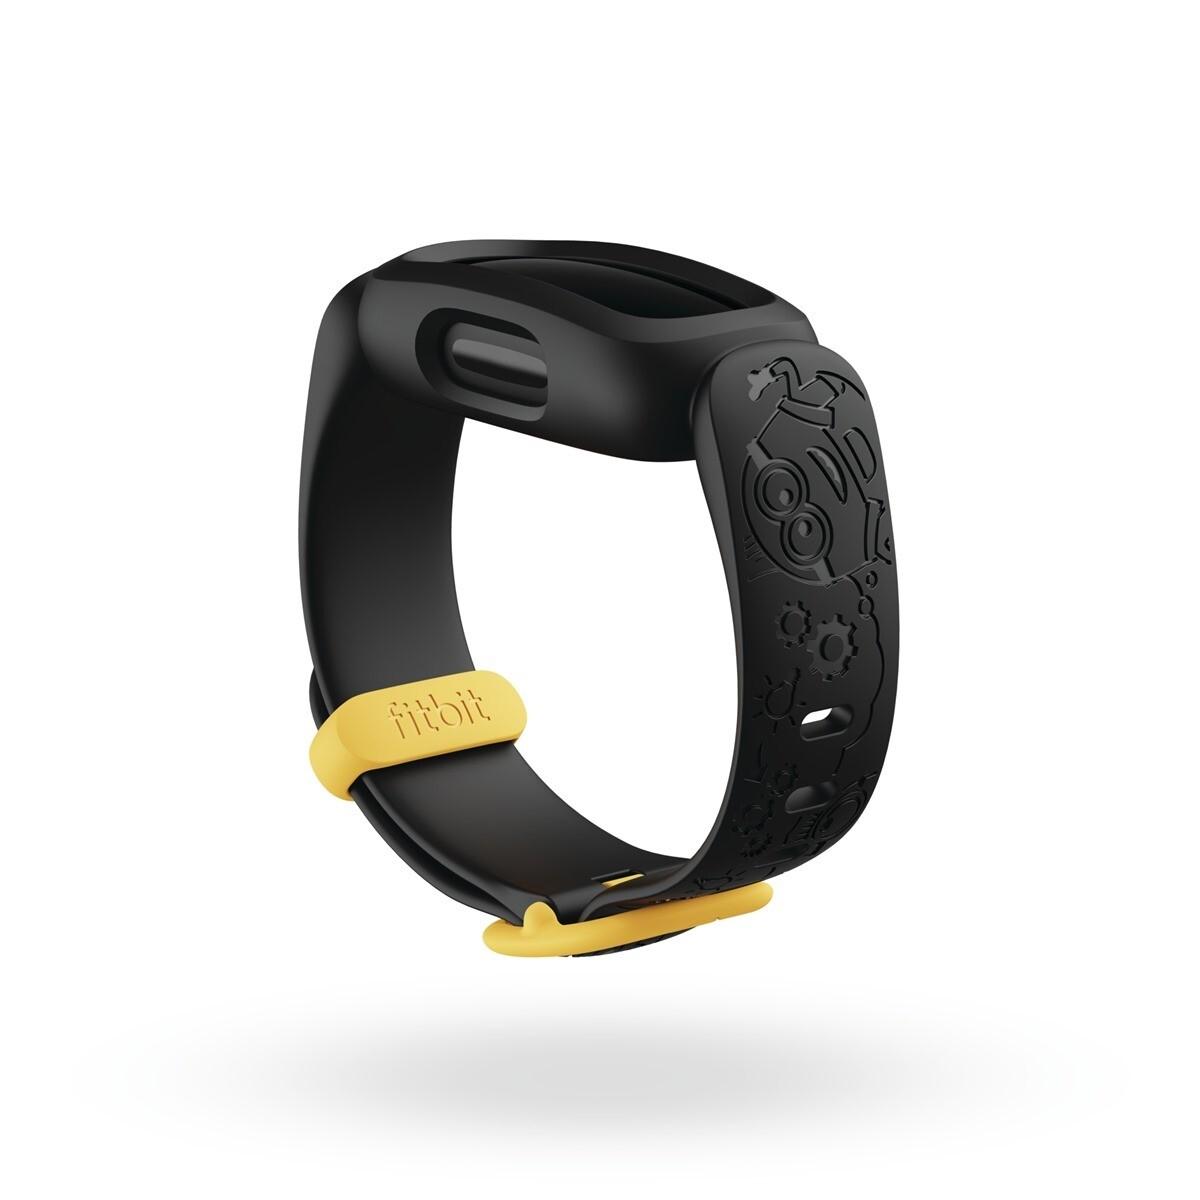 圖三 2:Fitbit 同步推出小小兵「神偷藍」和「淘氣黑」兩款錶帶配件讓更多孩子們透過小小兵的魅力充分展現個人風格,錶帶售價為新台幣-750-…_thumb.jpg @3C 達人廖阿輝